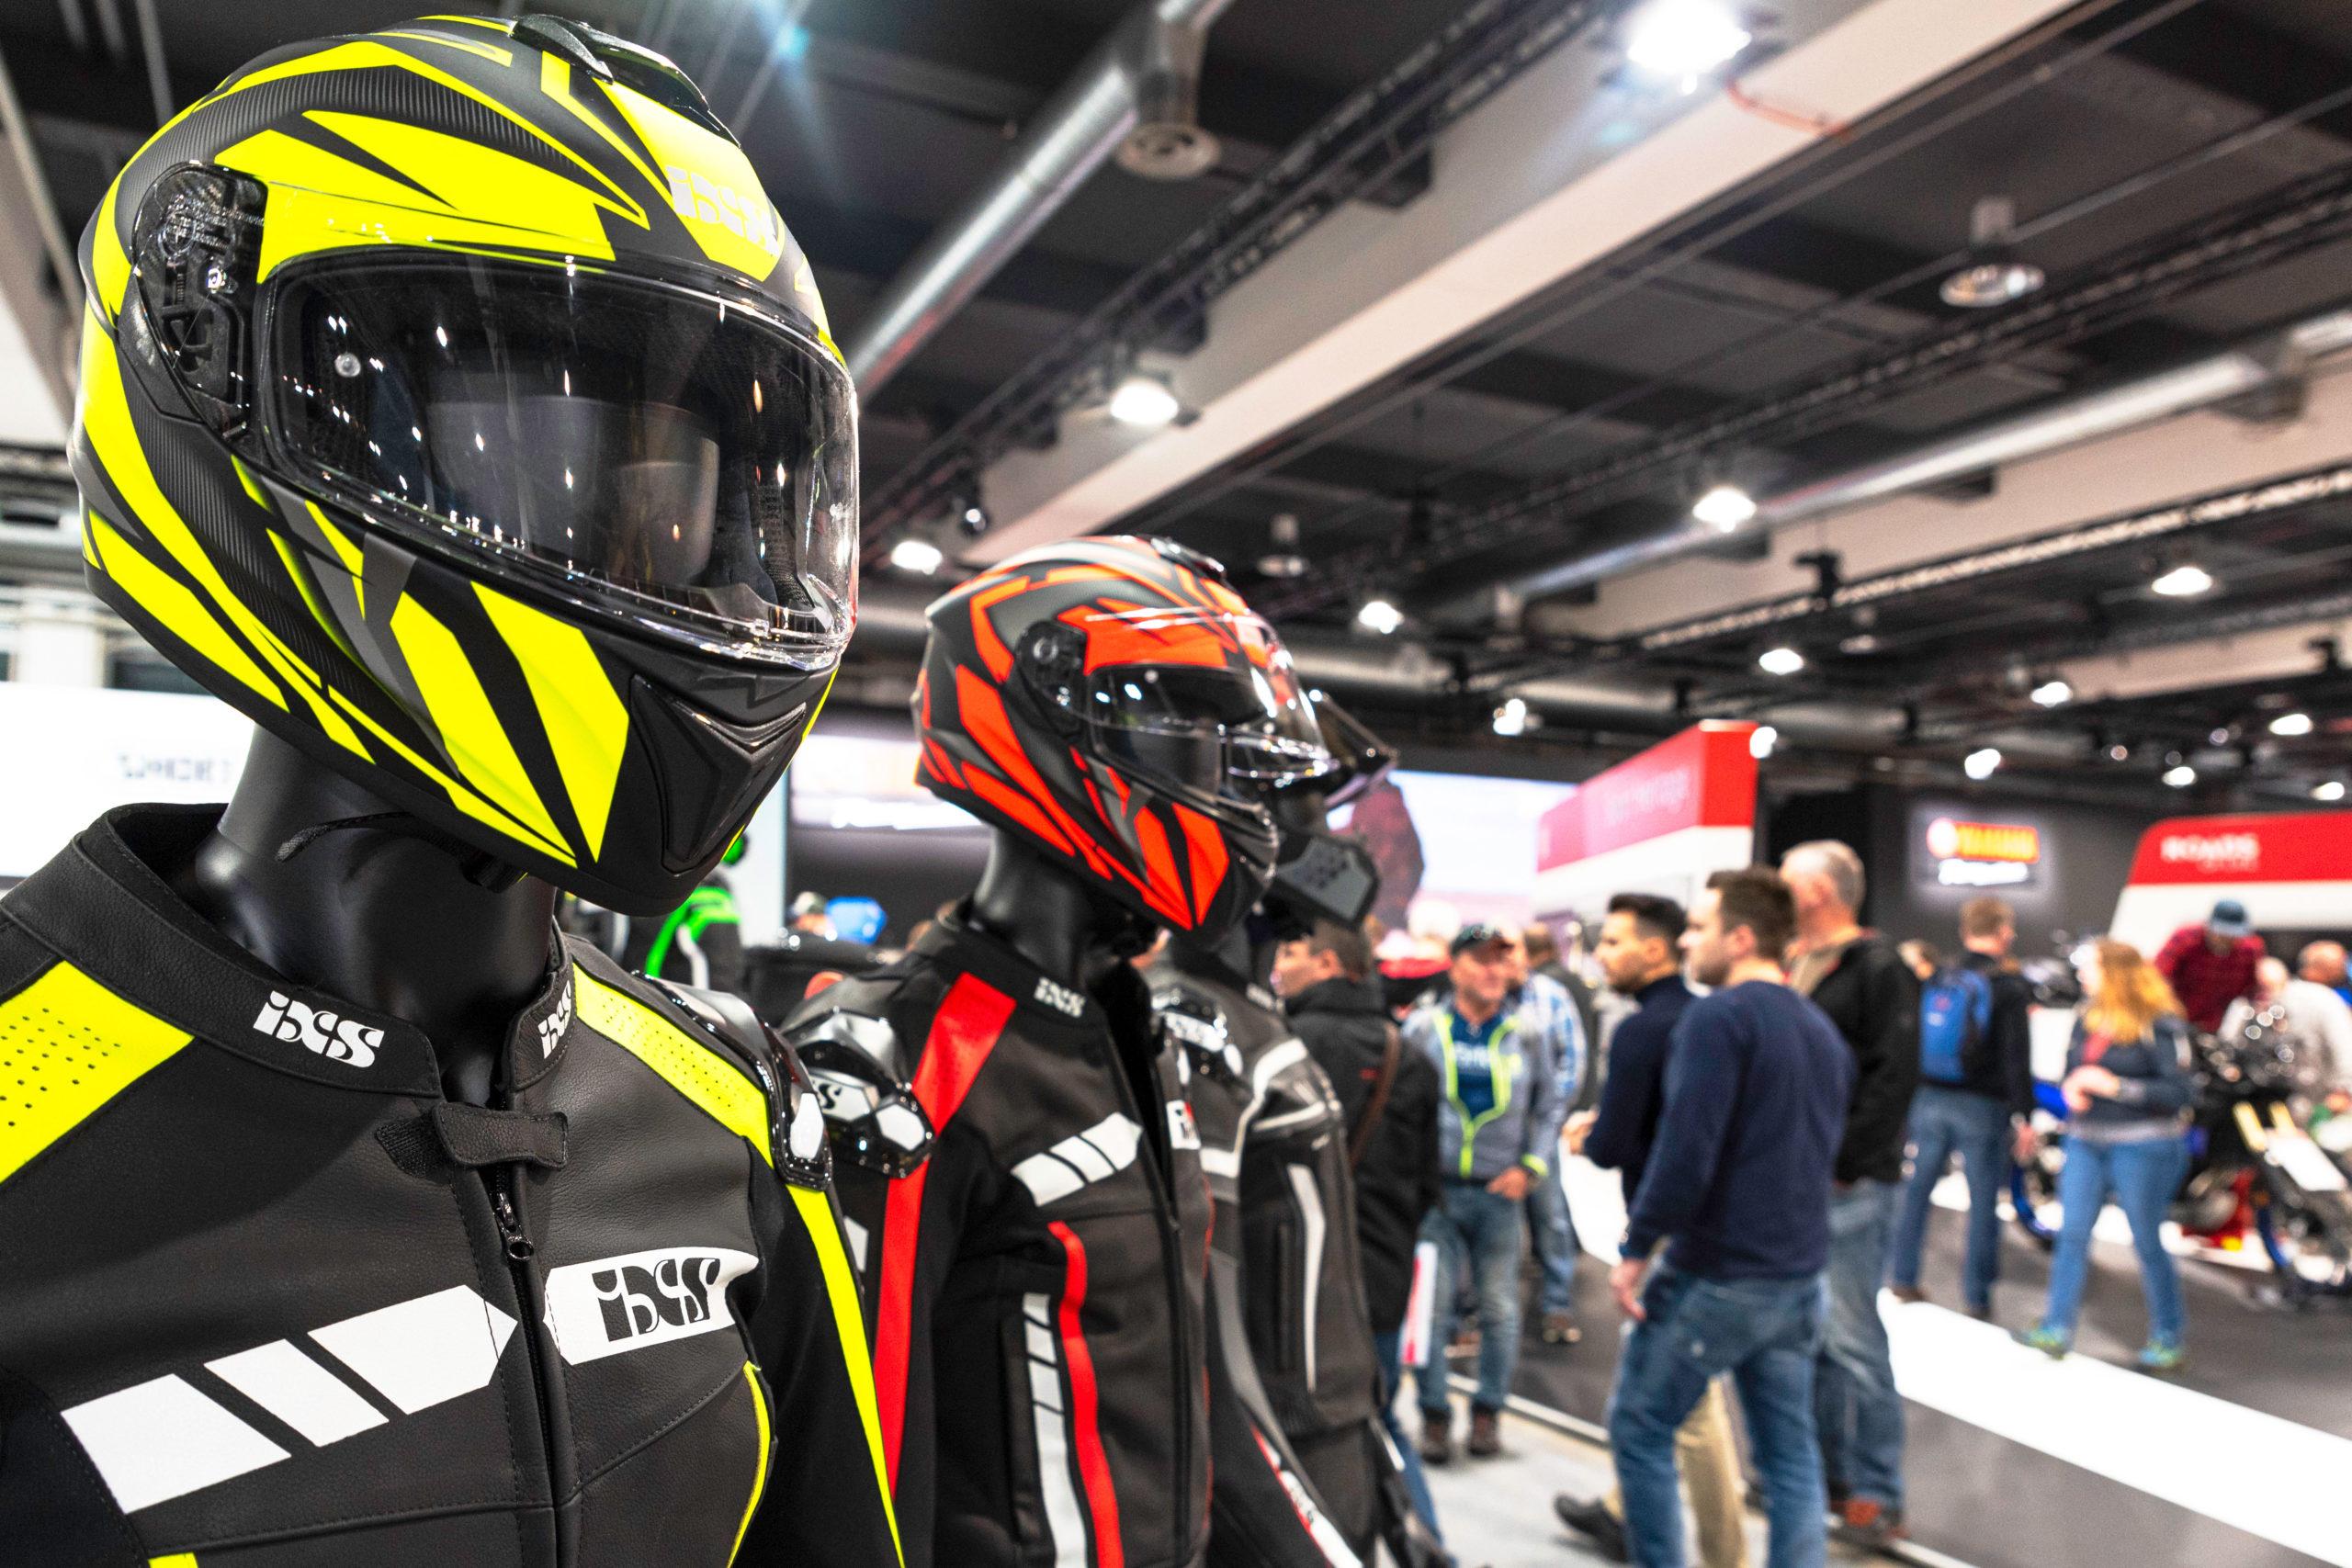 Salon moto 15